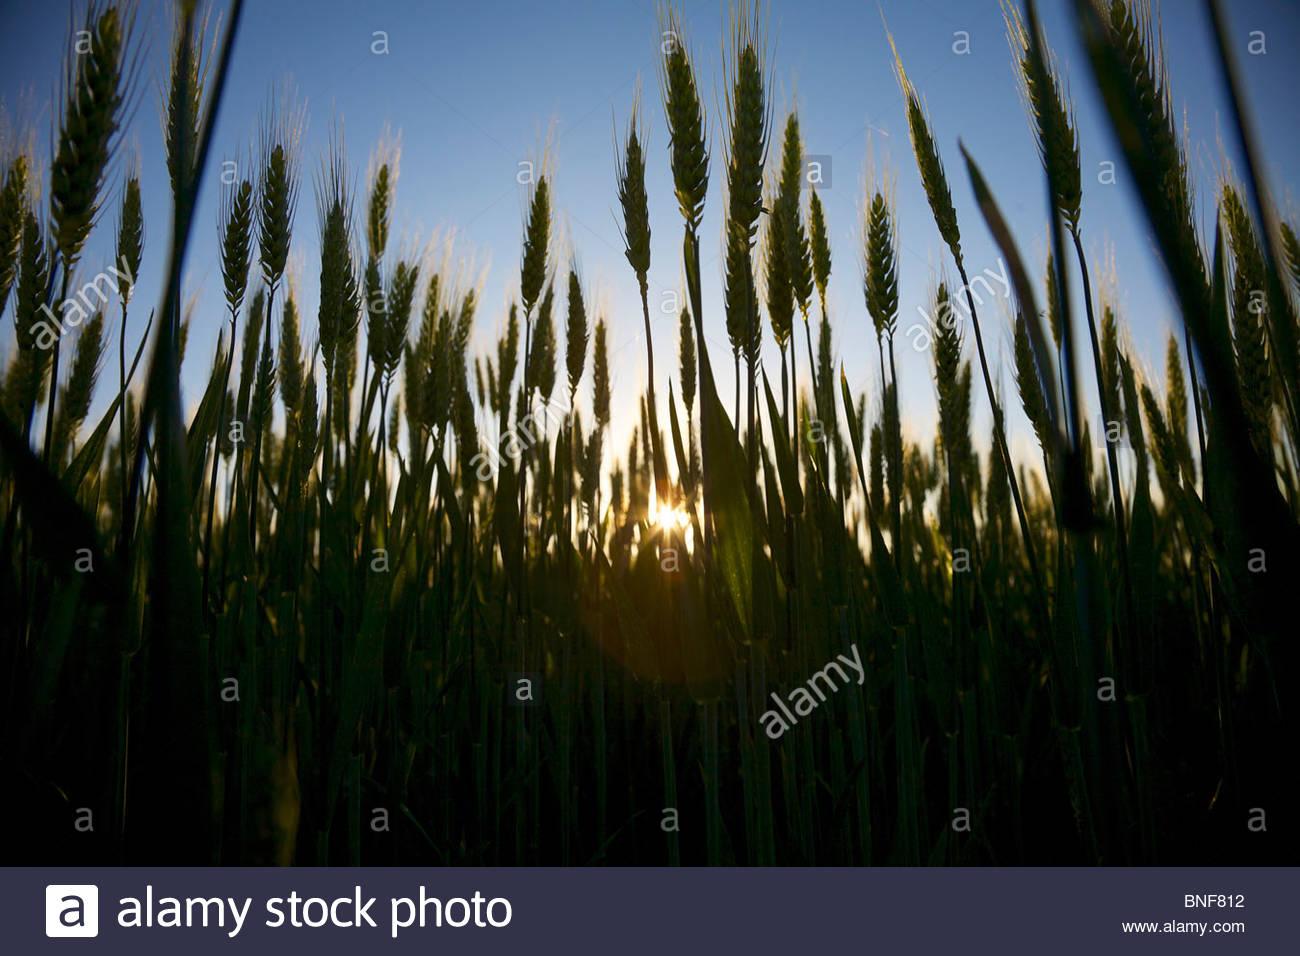 Crece el trigo en una pequeña granja orgánica en las zonas rurales de Francia a finales de la primavera. Imagen De Stock